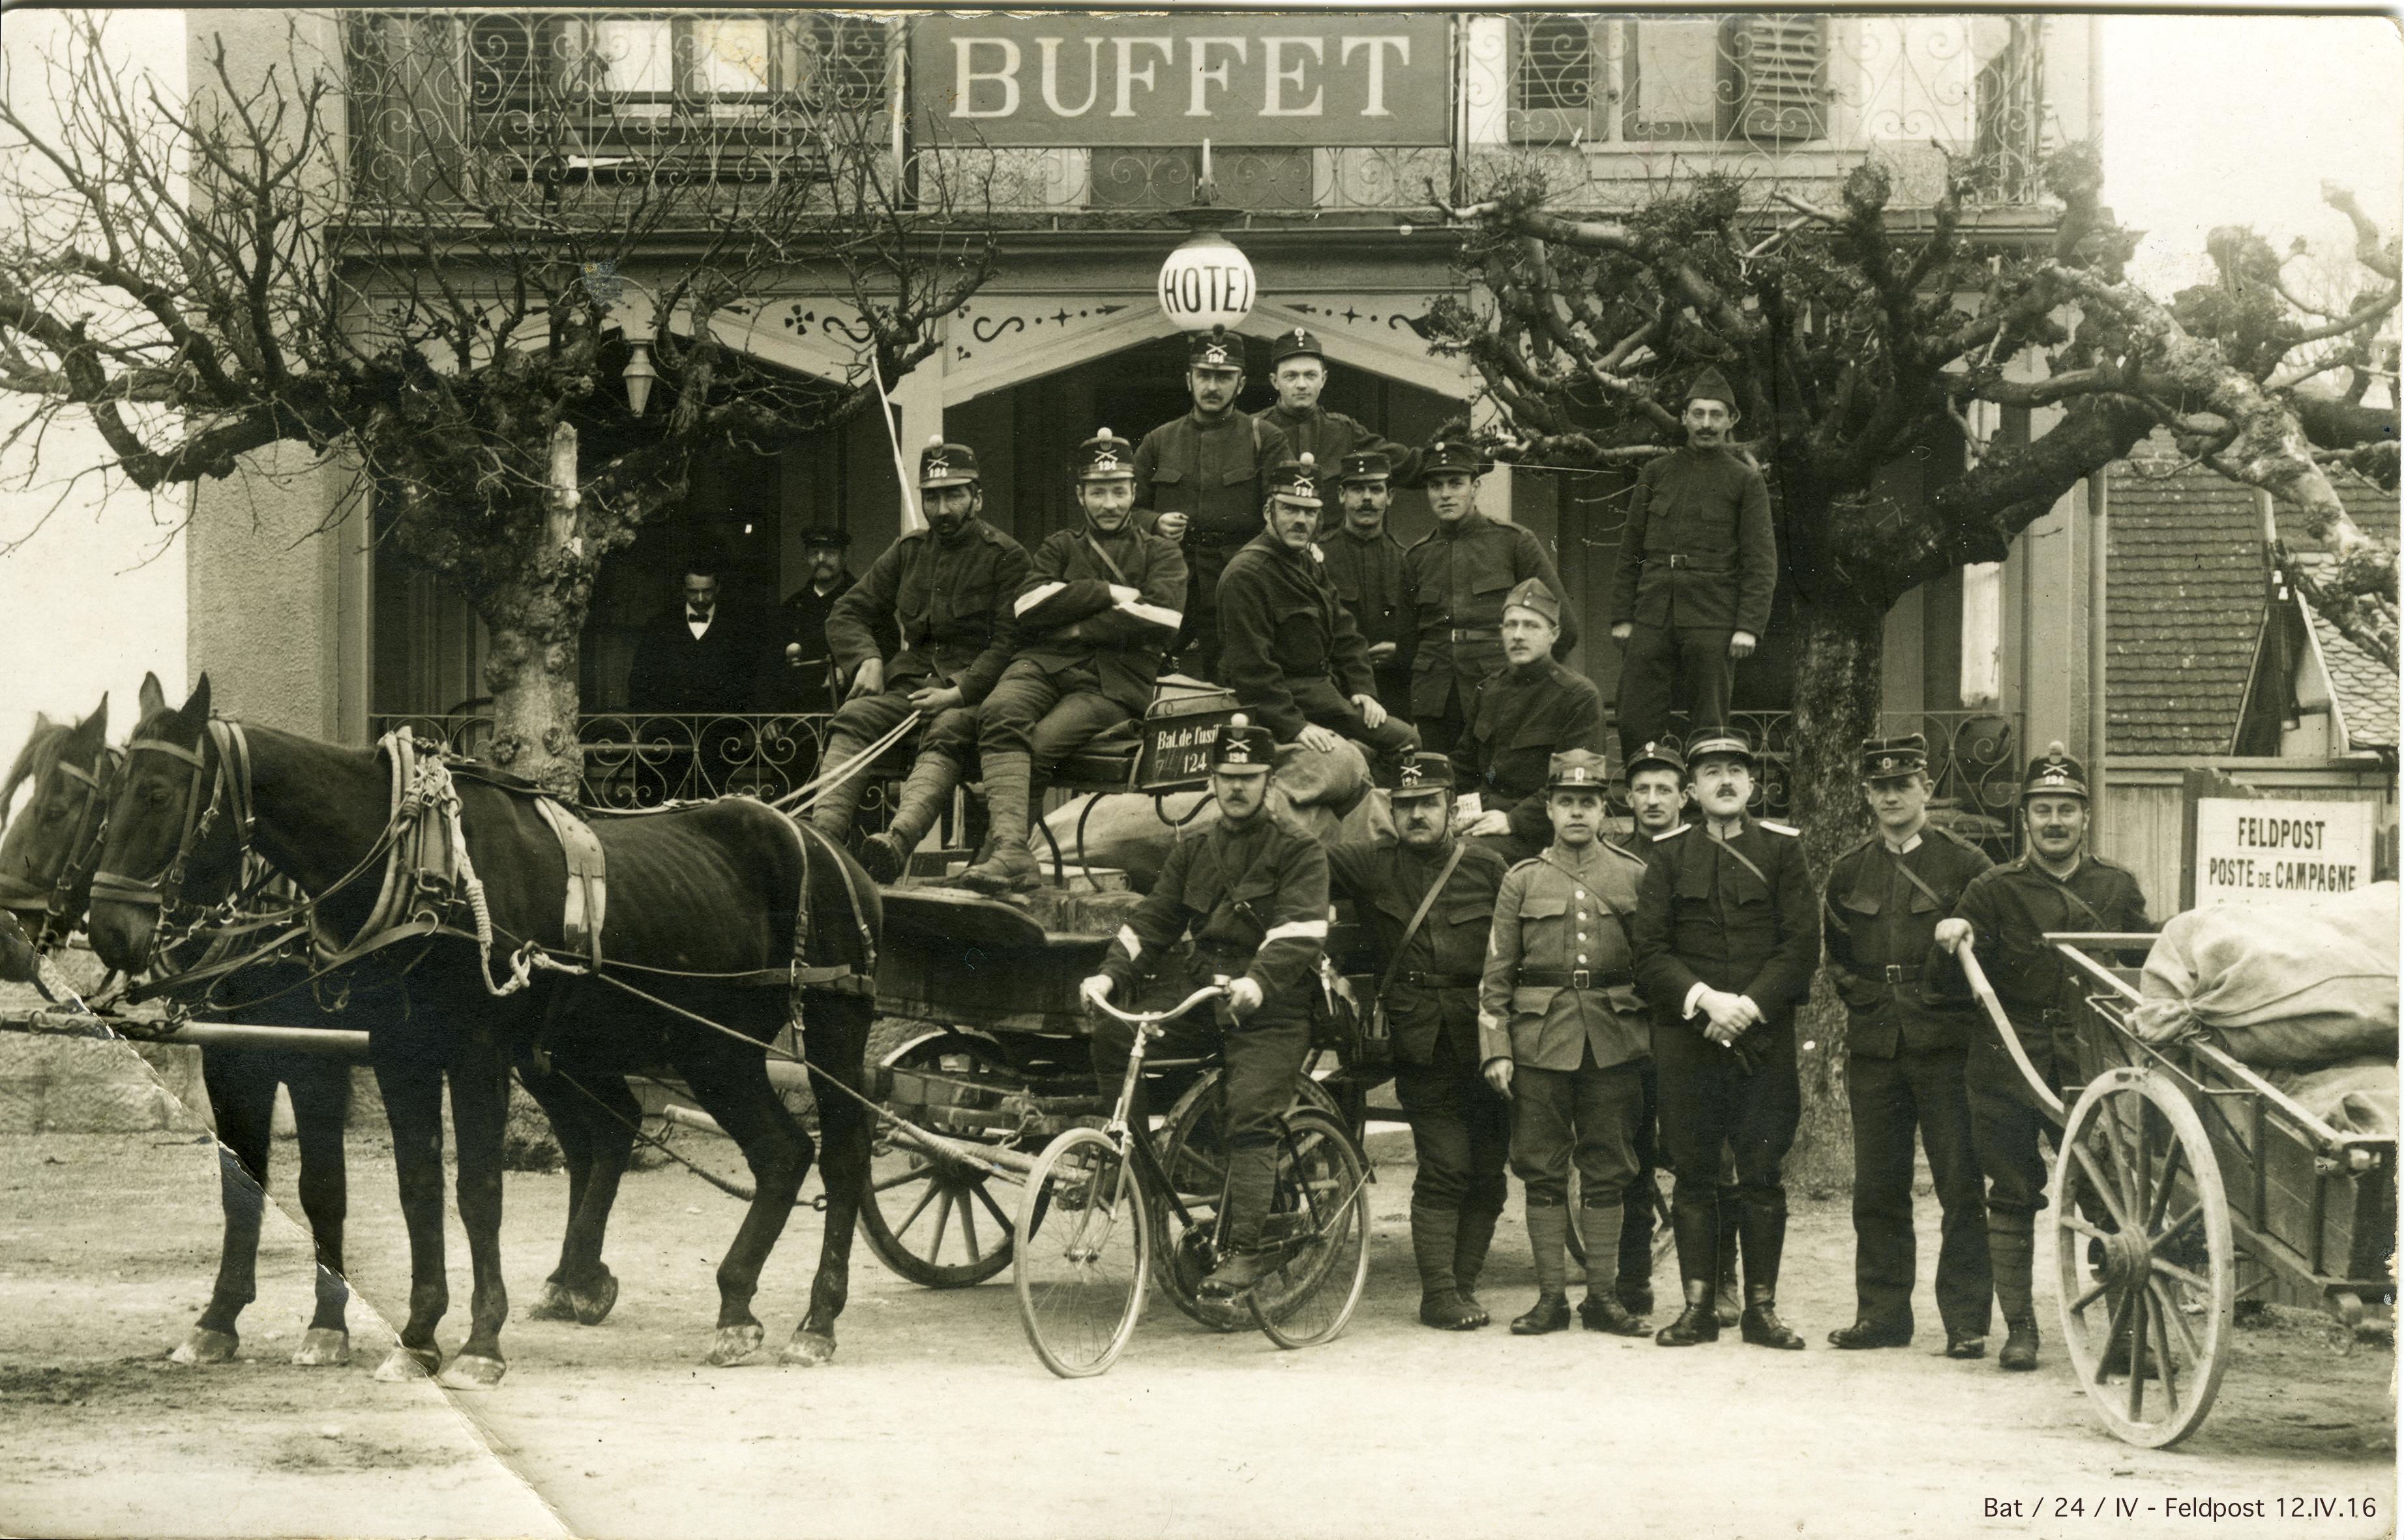 Bat / 24 / IV - par poste de campagne - 12.IV.1916